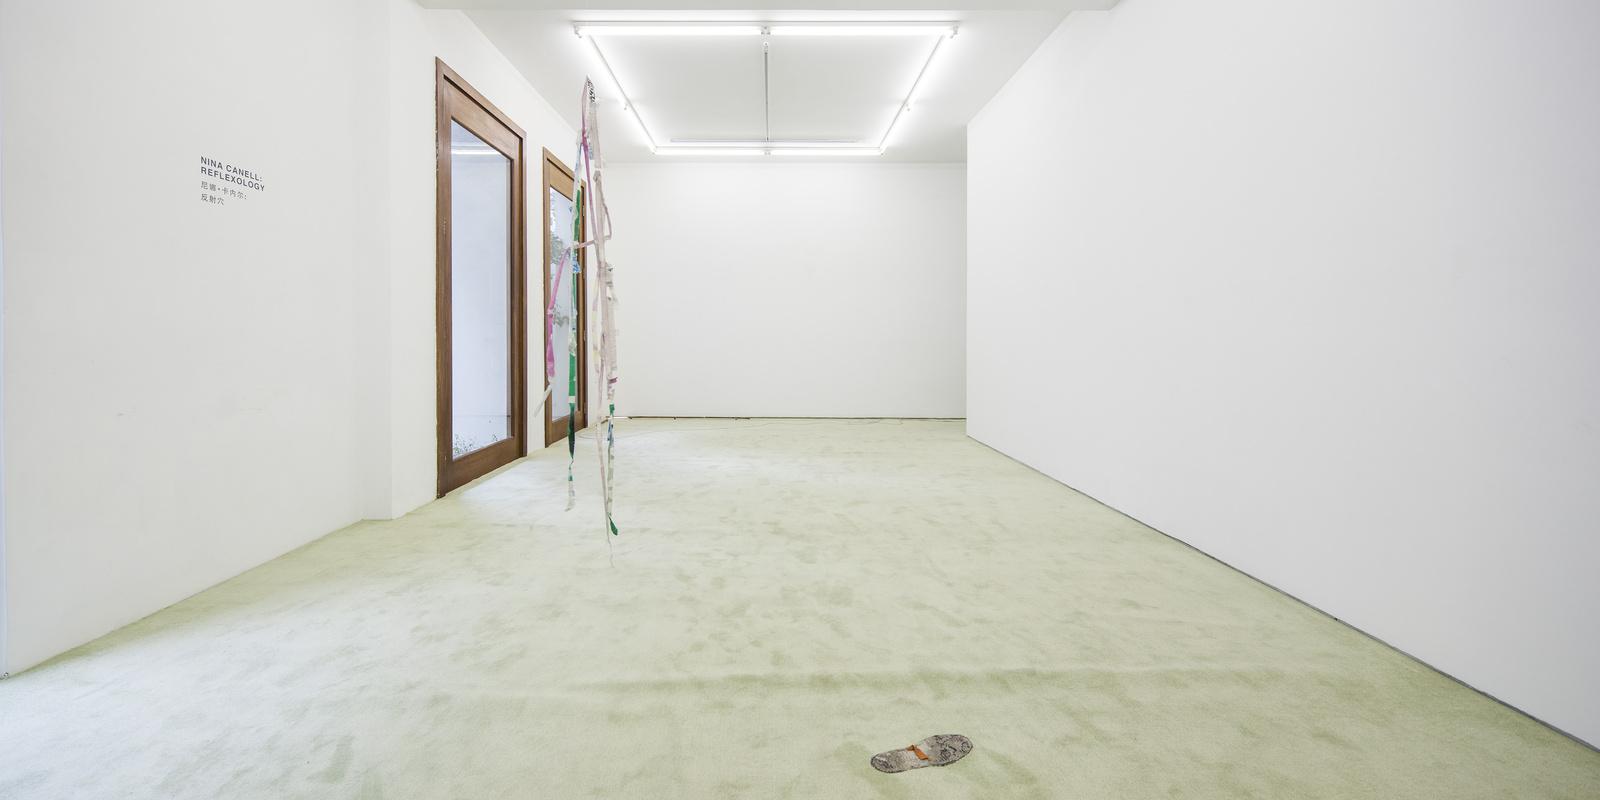 201611LEO-003